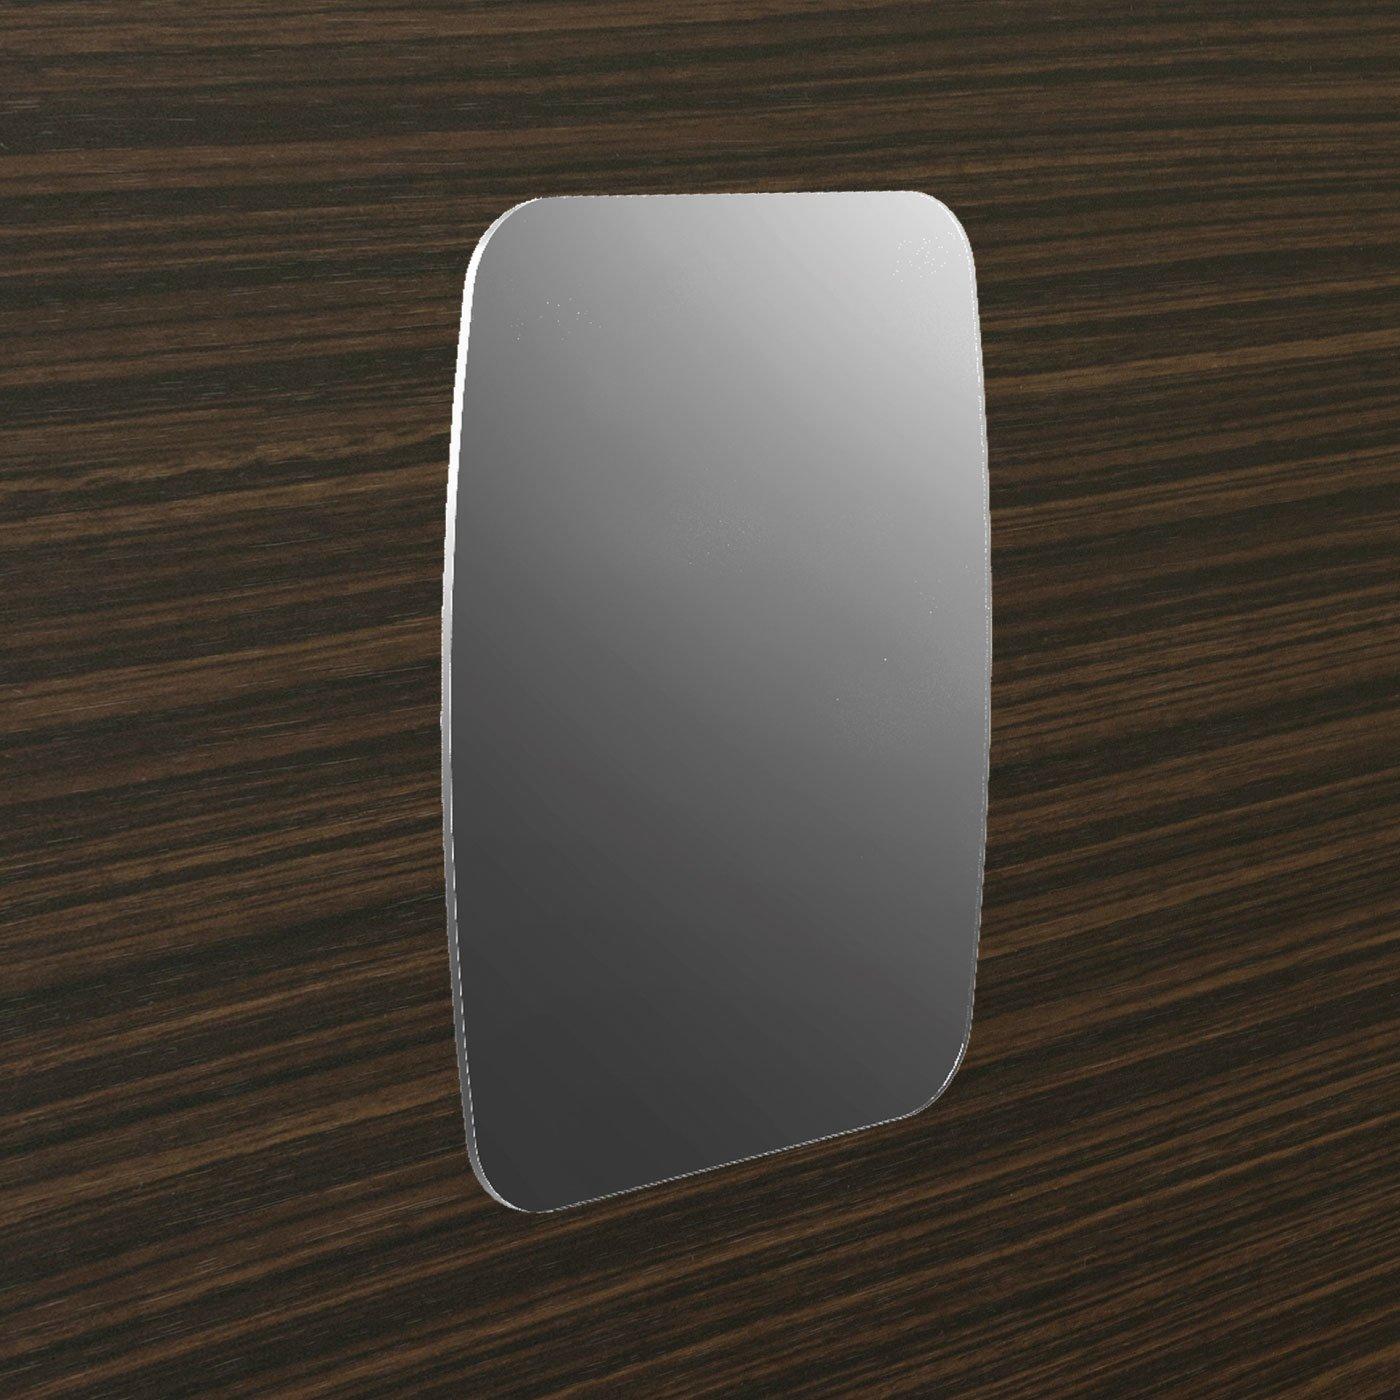 浴室の壁に貼り付く 磁着SQ マグネットバスミラー